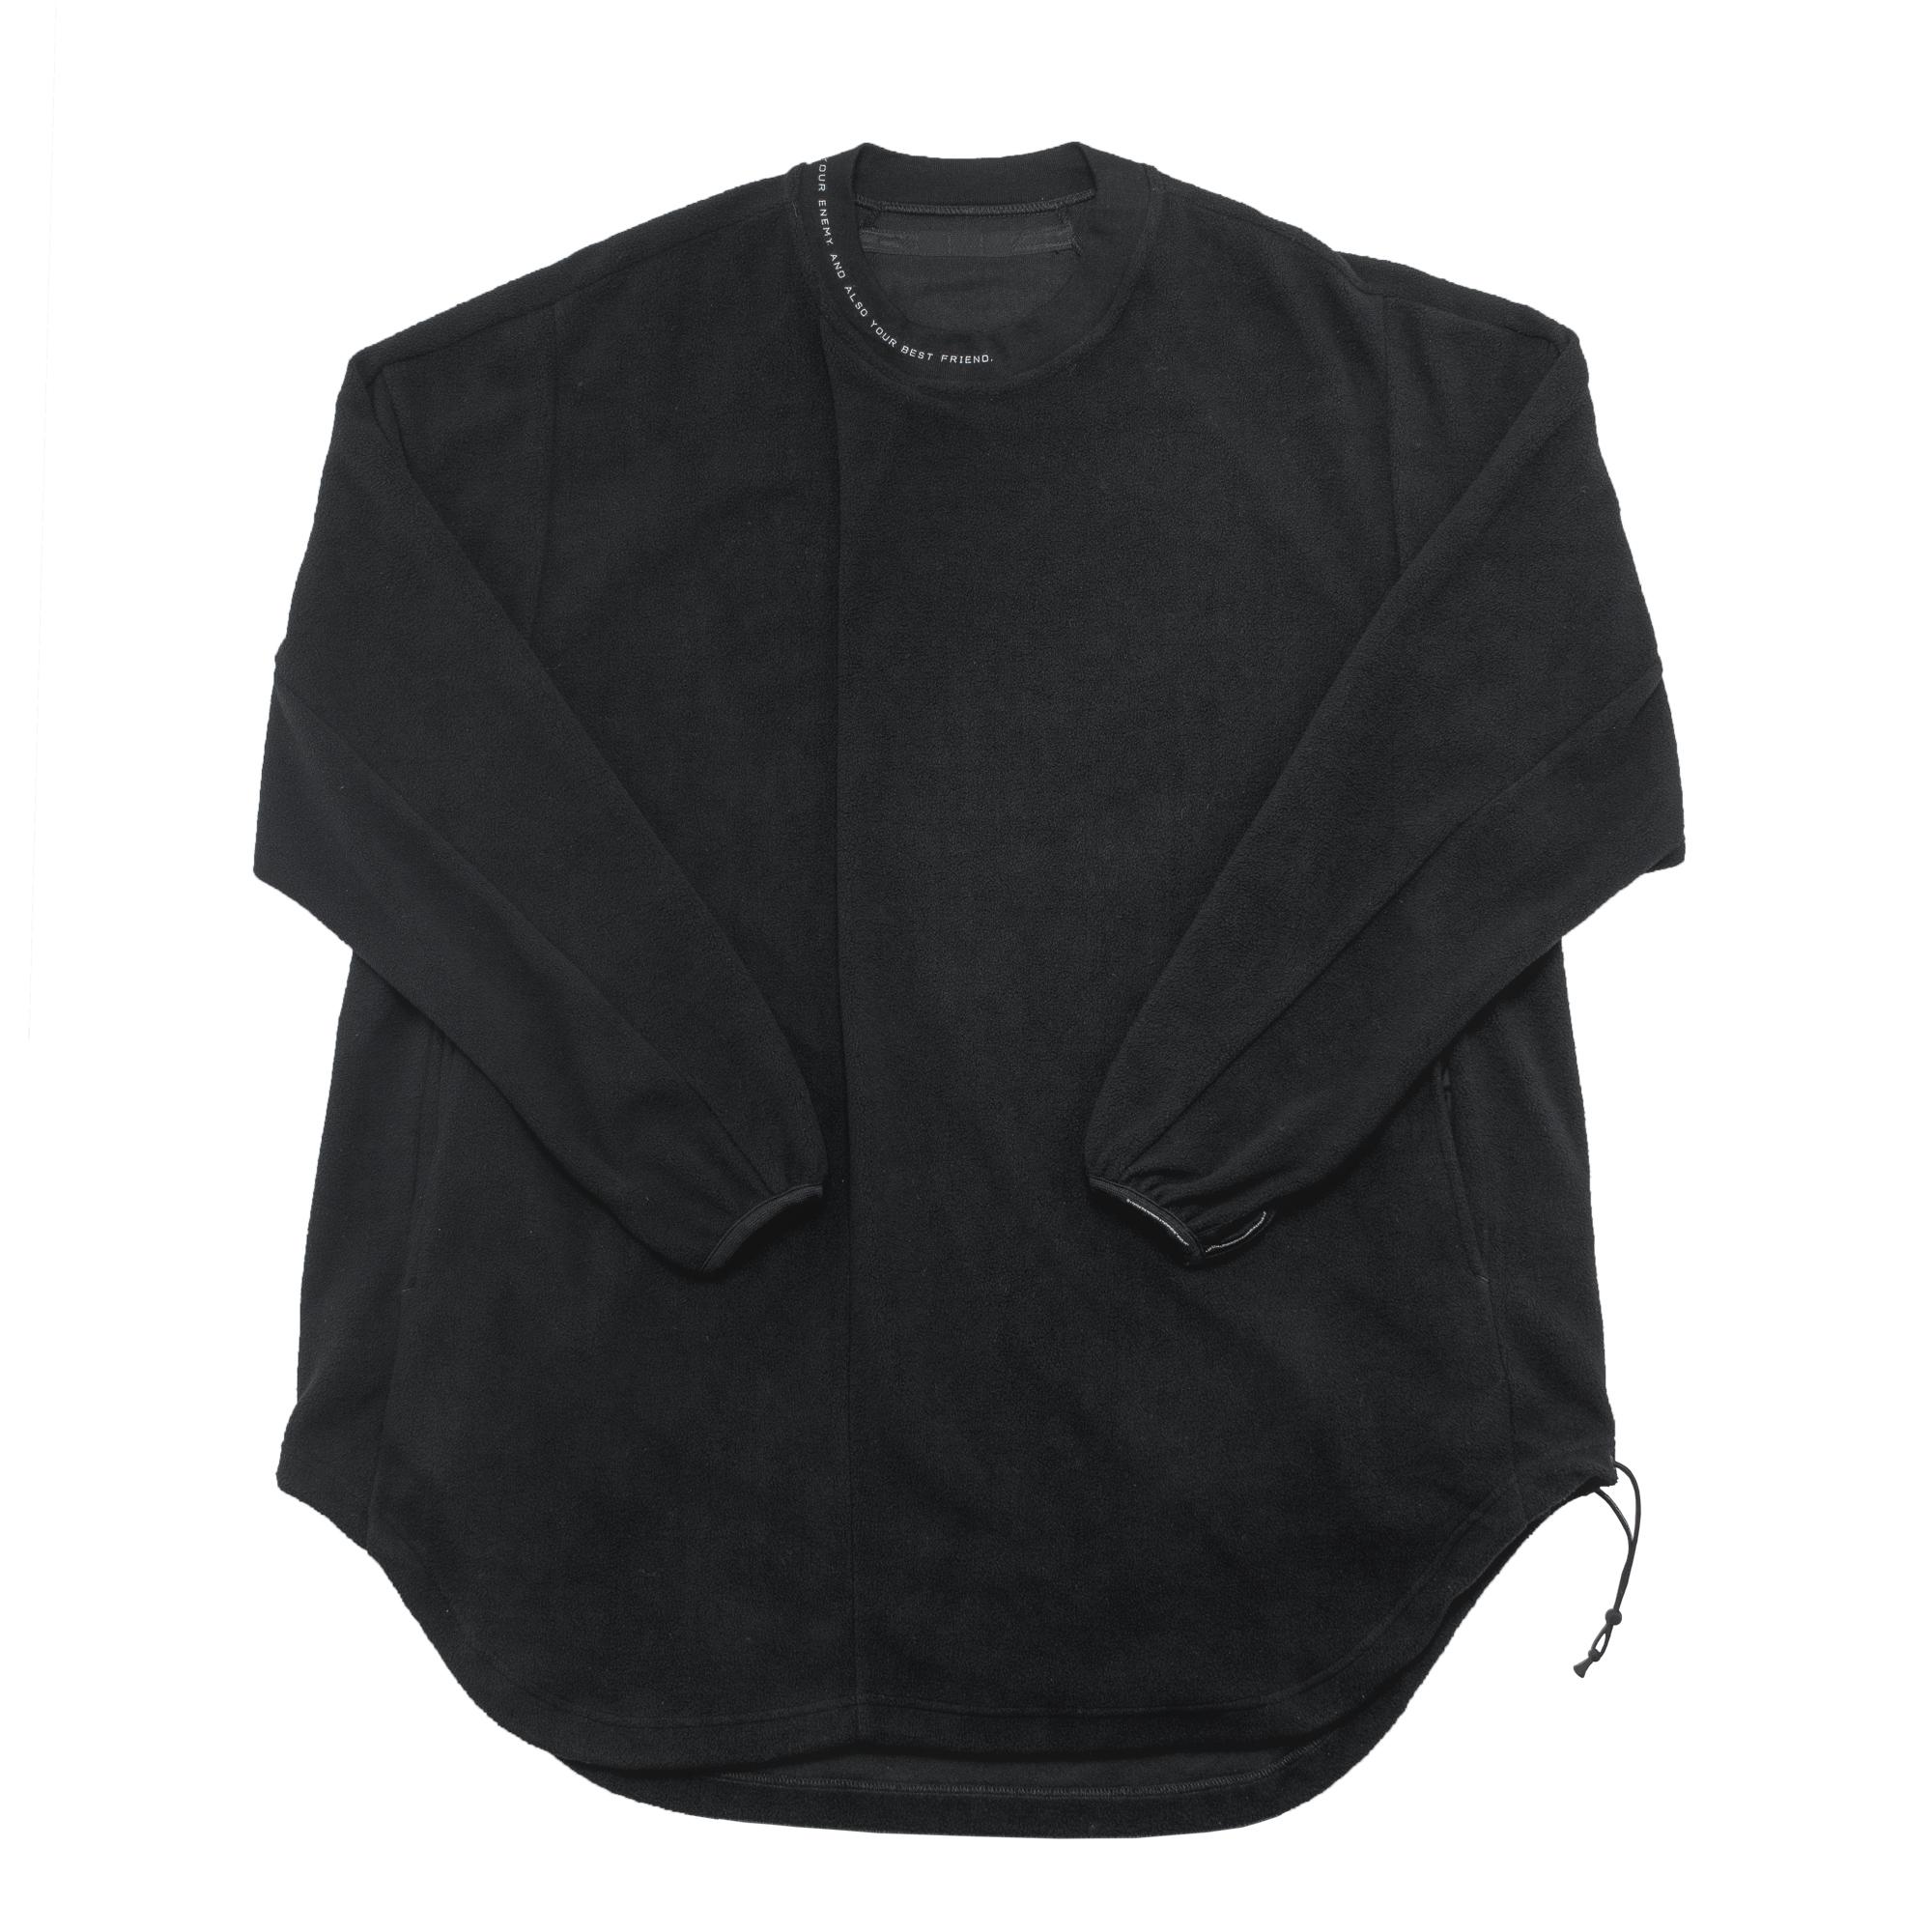 680CUM16-BLACK / タックドオーバーシャツ